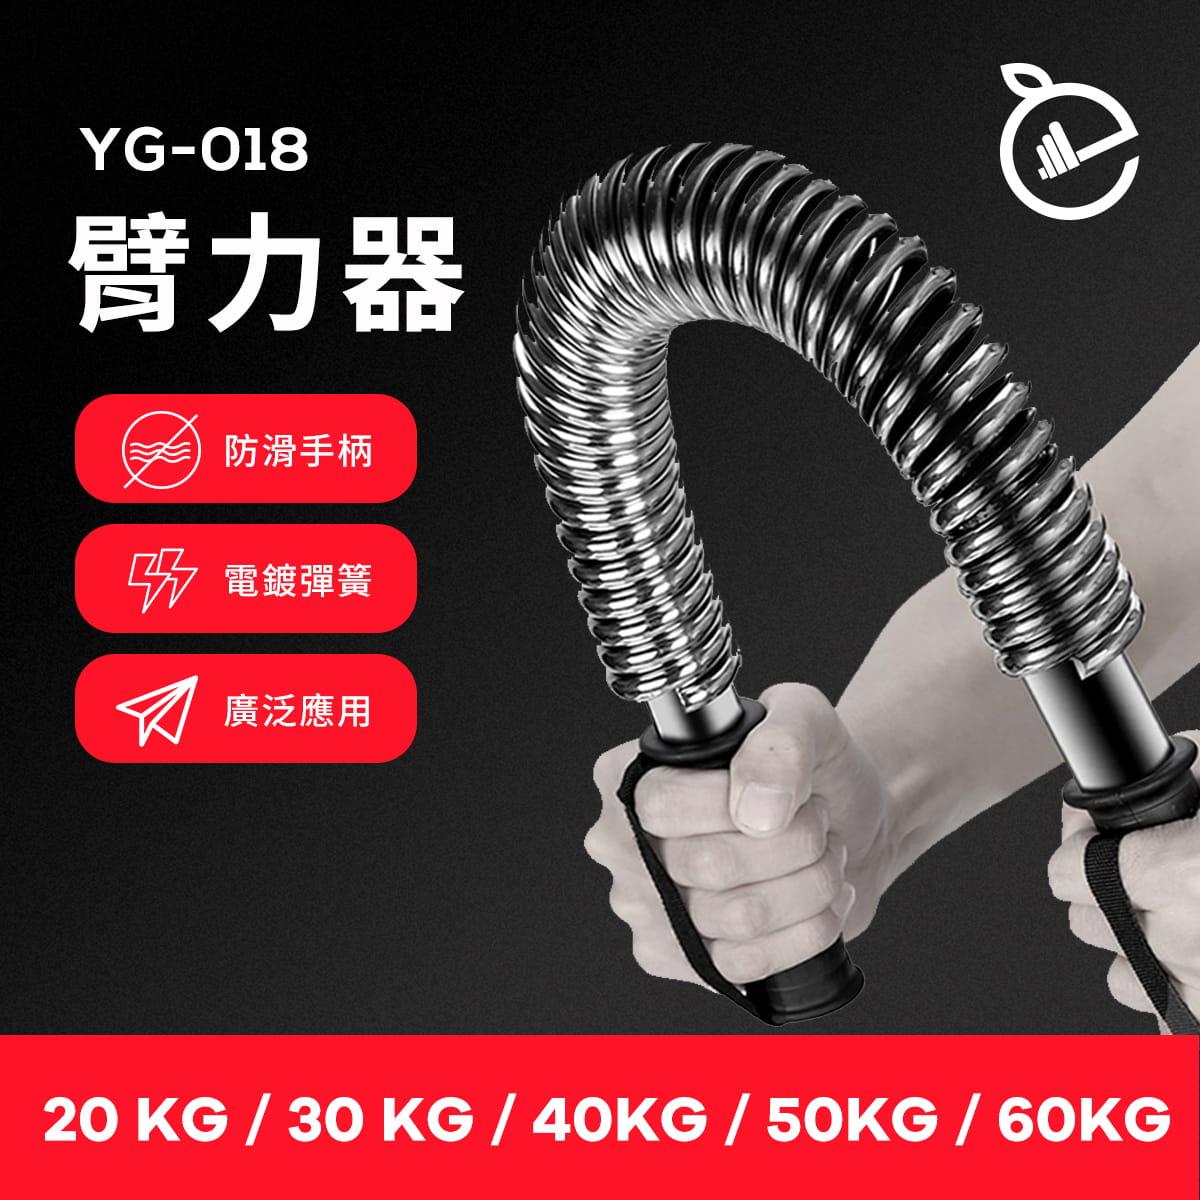 40公斤臂力器◆雙簧 臂力棒 彈簧棒 握力 腹肌 二頭肌 胸肌 伏地挺身 健肌器 重訓 健身舉重 0